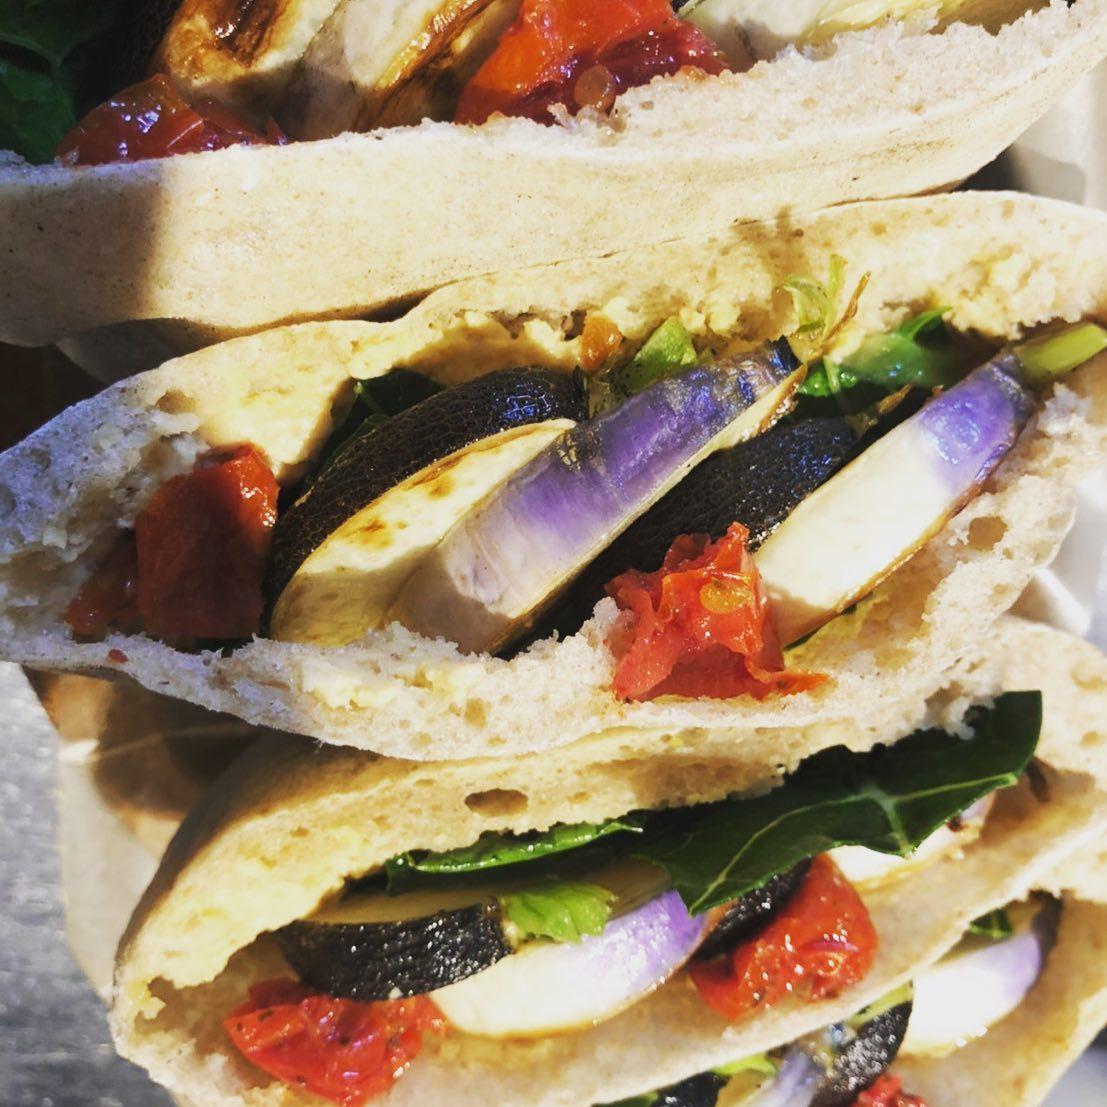 大人気の気まぐれピタサンド本日はケール、ブラックスパニッシュとパープルヘッドという2種類のカブが入ったお野菜のピタサンド🥙宮下さんのお野菜を使ってます!味が濃くてとってもおいしーい気合を入れて沢山作りましたー🏻♀️🥕🥬